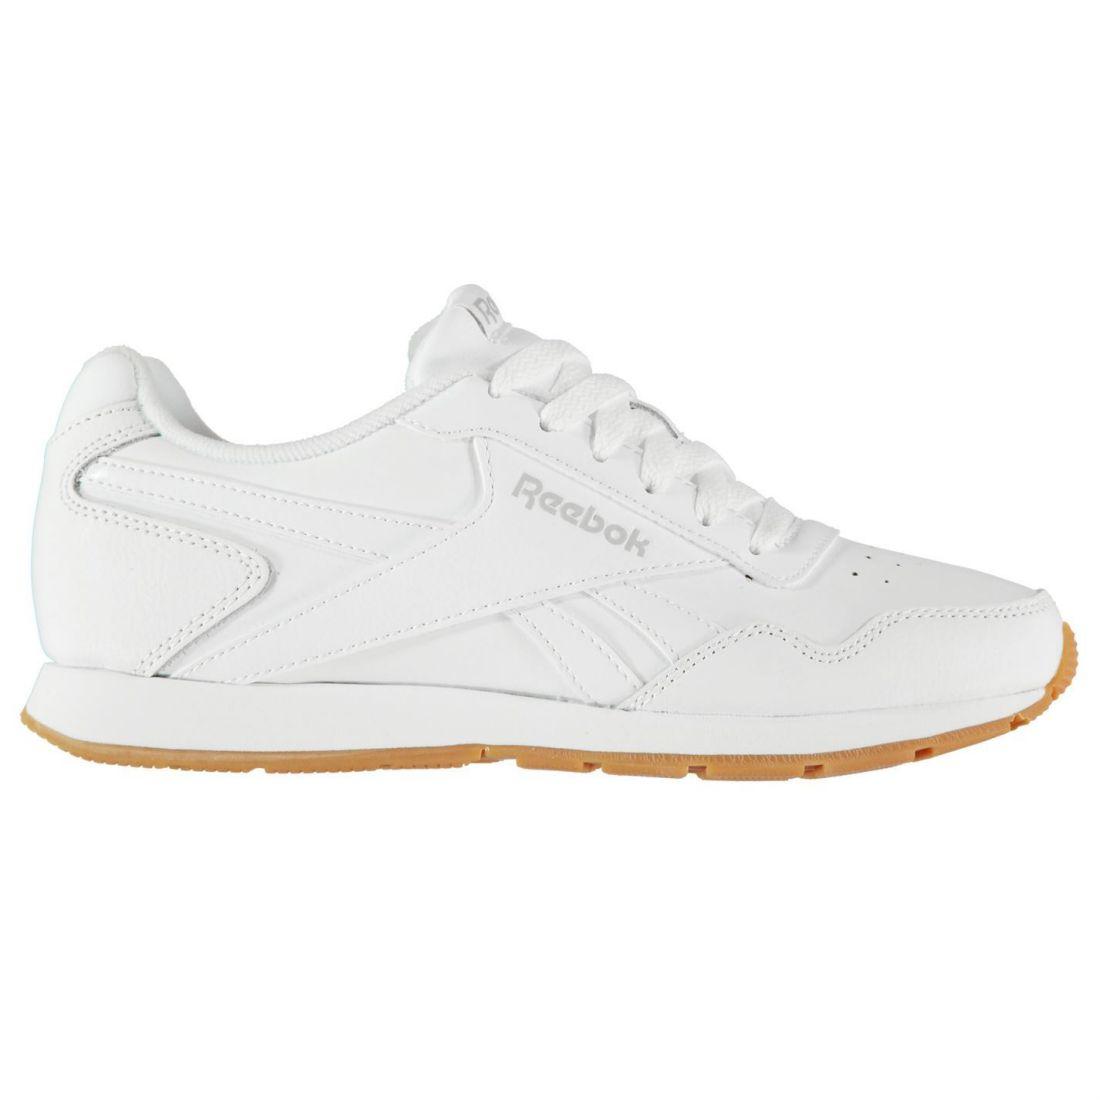 acolchado Reebok Classic blanca Laces con Ladies Sneakers Glide Lengua tobillo blanca goma cuello de zq1fz4Tn